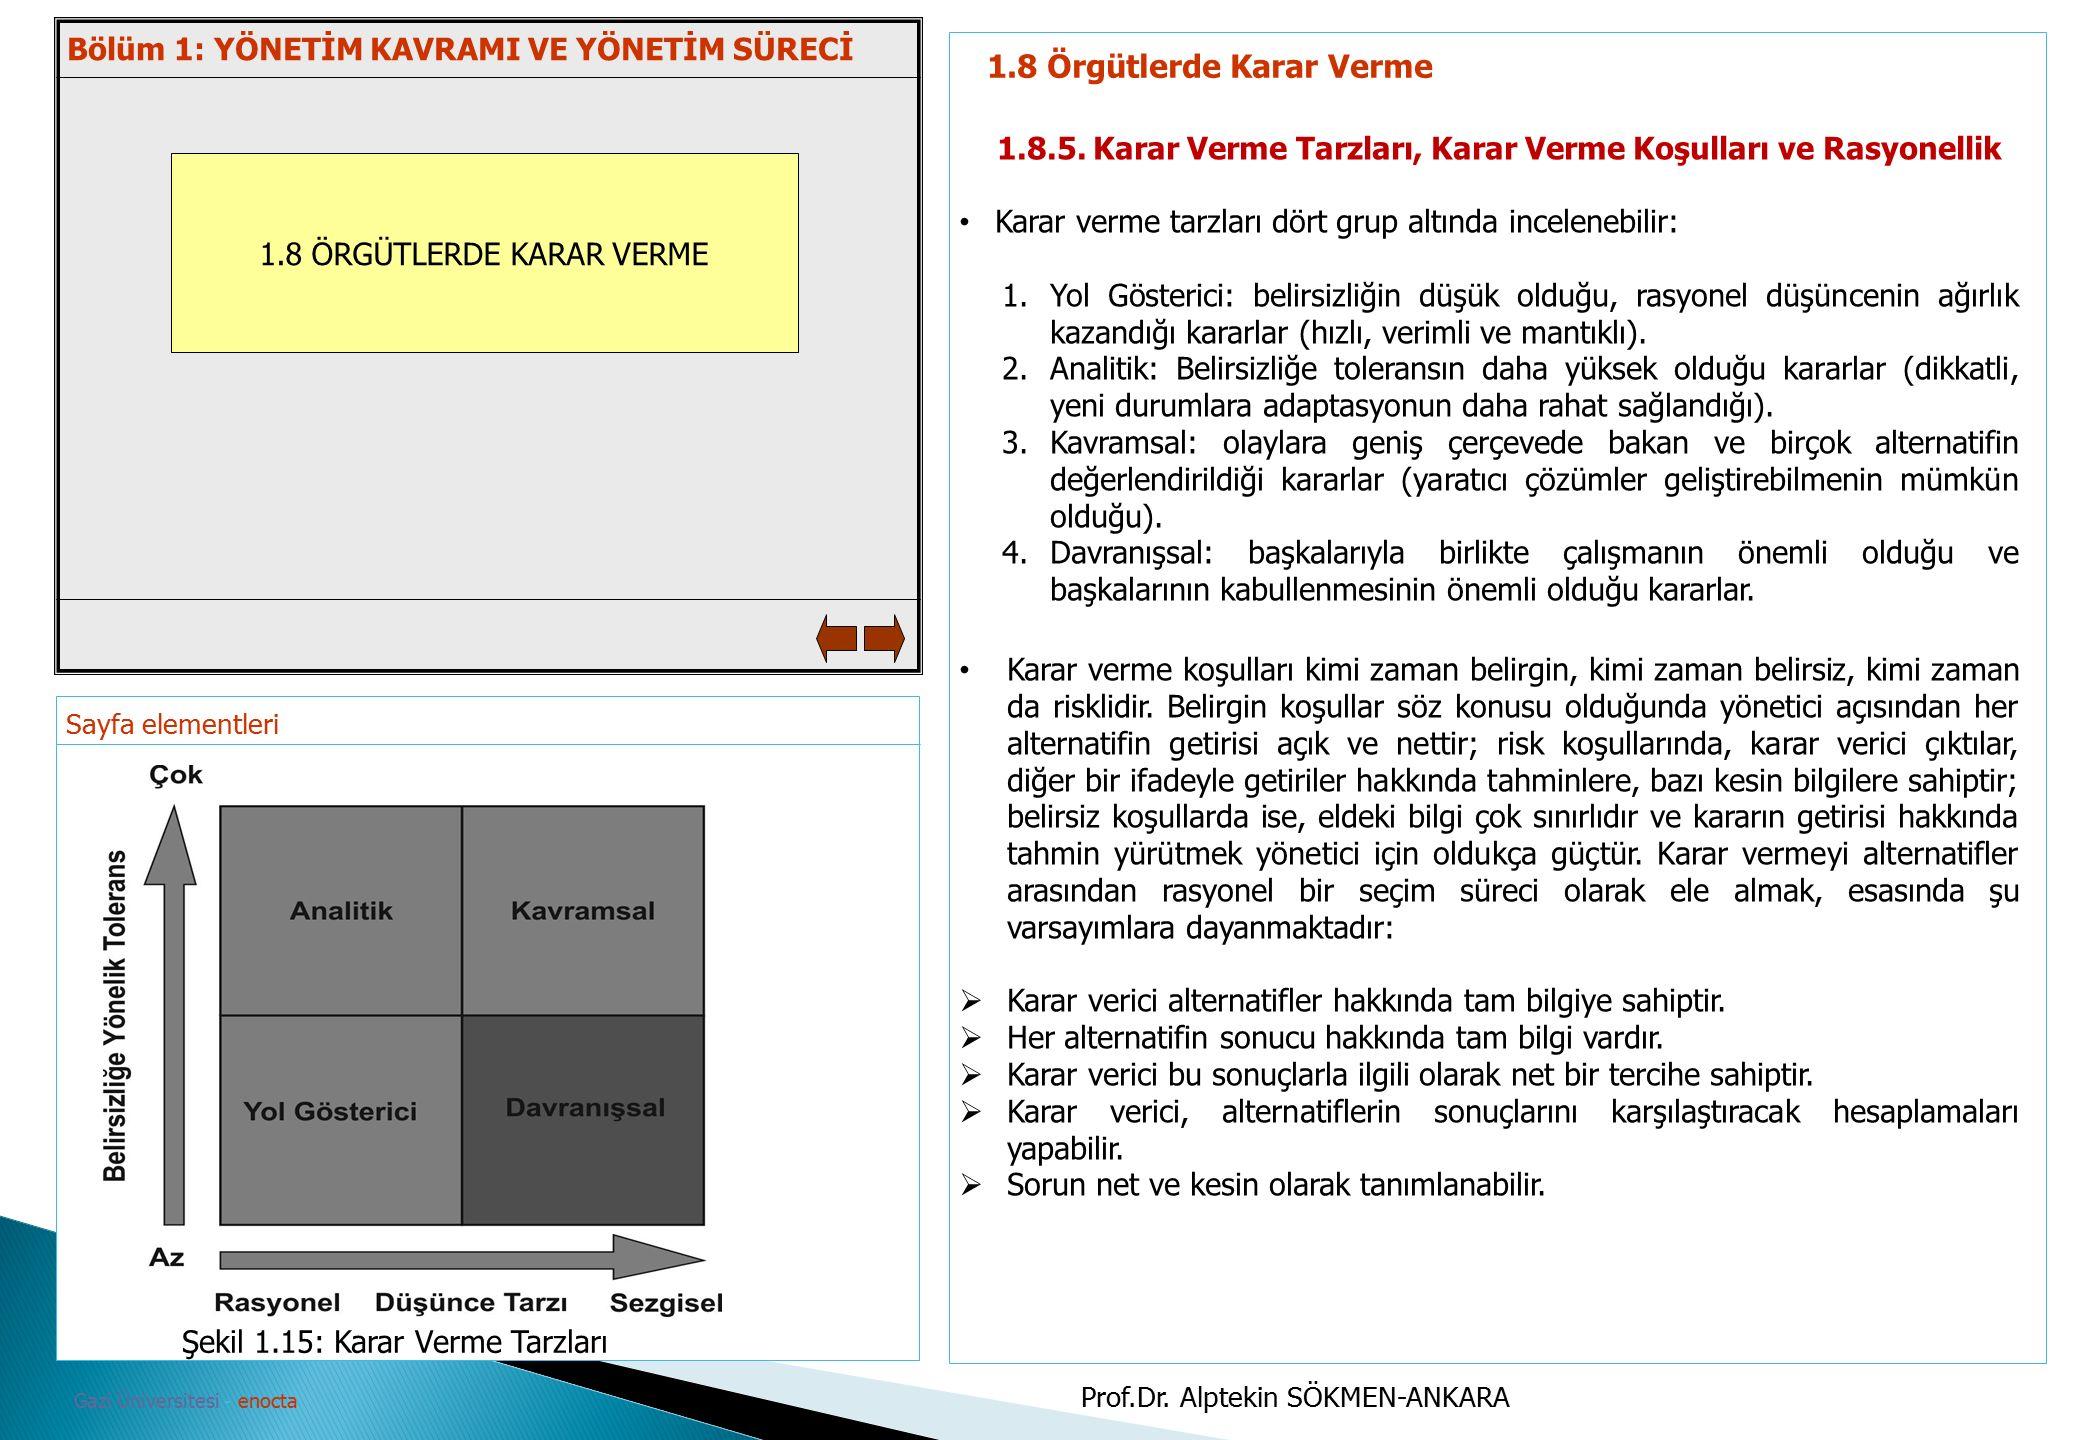 Sayfa elementleri Gazi Üniversitesi - enocta 1.8 ÖRGÜTLERDE KARAR VERME 1.8 Örgütlerde Karar Verme 1.8.5. Karar Verme Tarzları, Karar Verme Koşulları